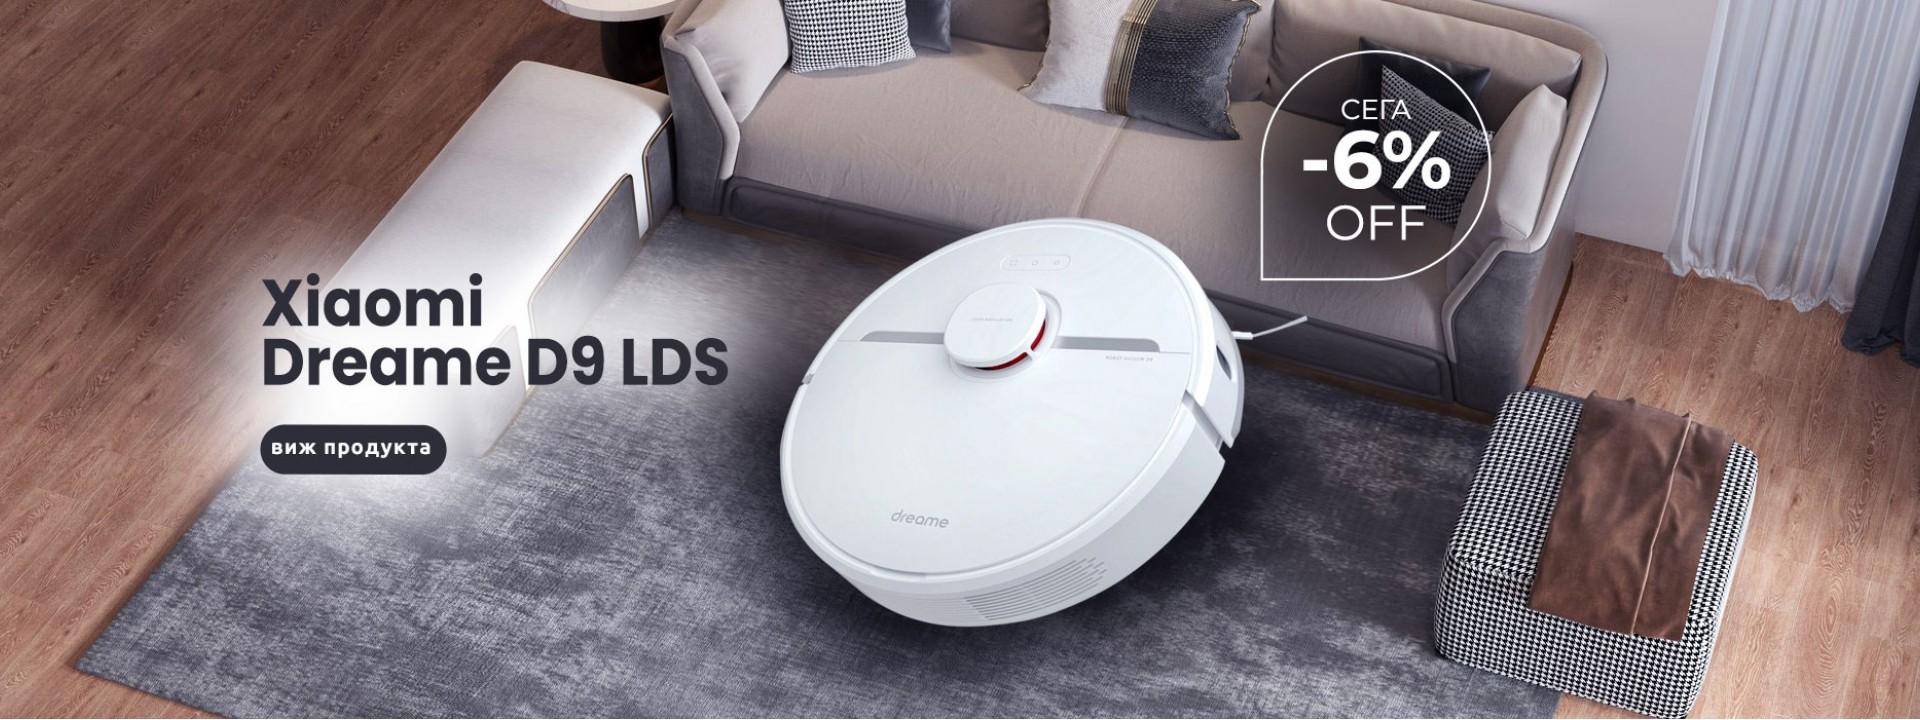 Dreame D9 LDS